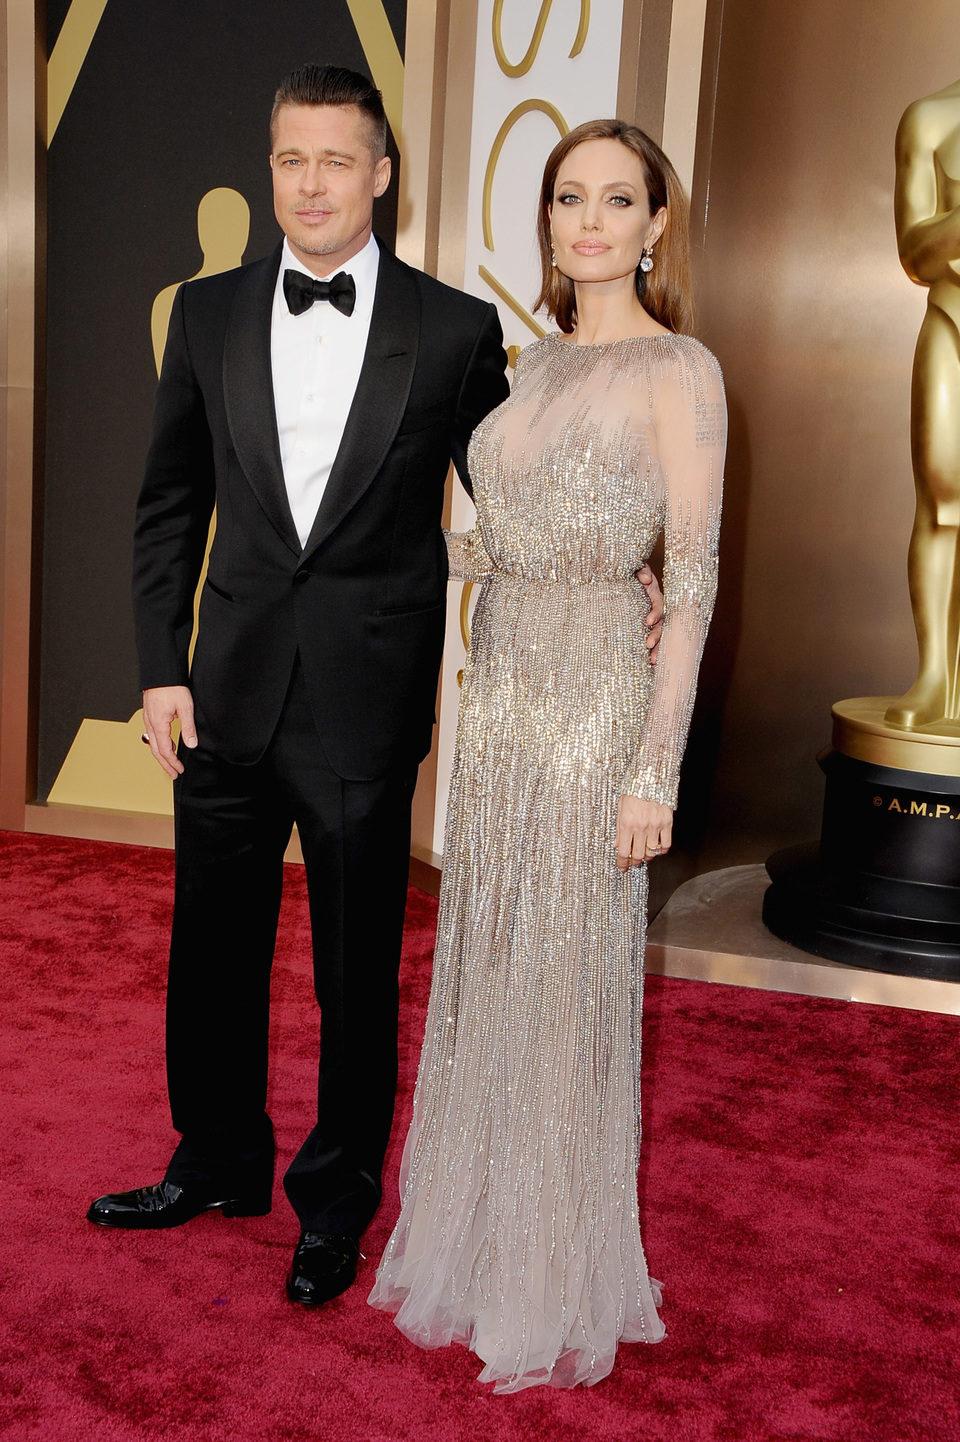 Angelina Jolie and Brad Pitt at the 2014 Oscars